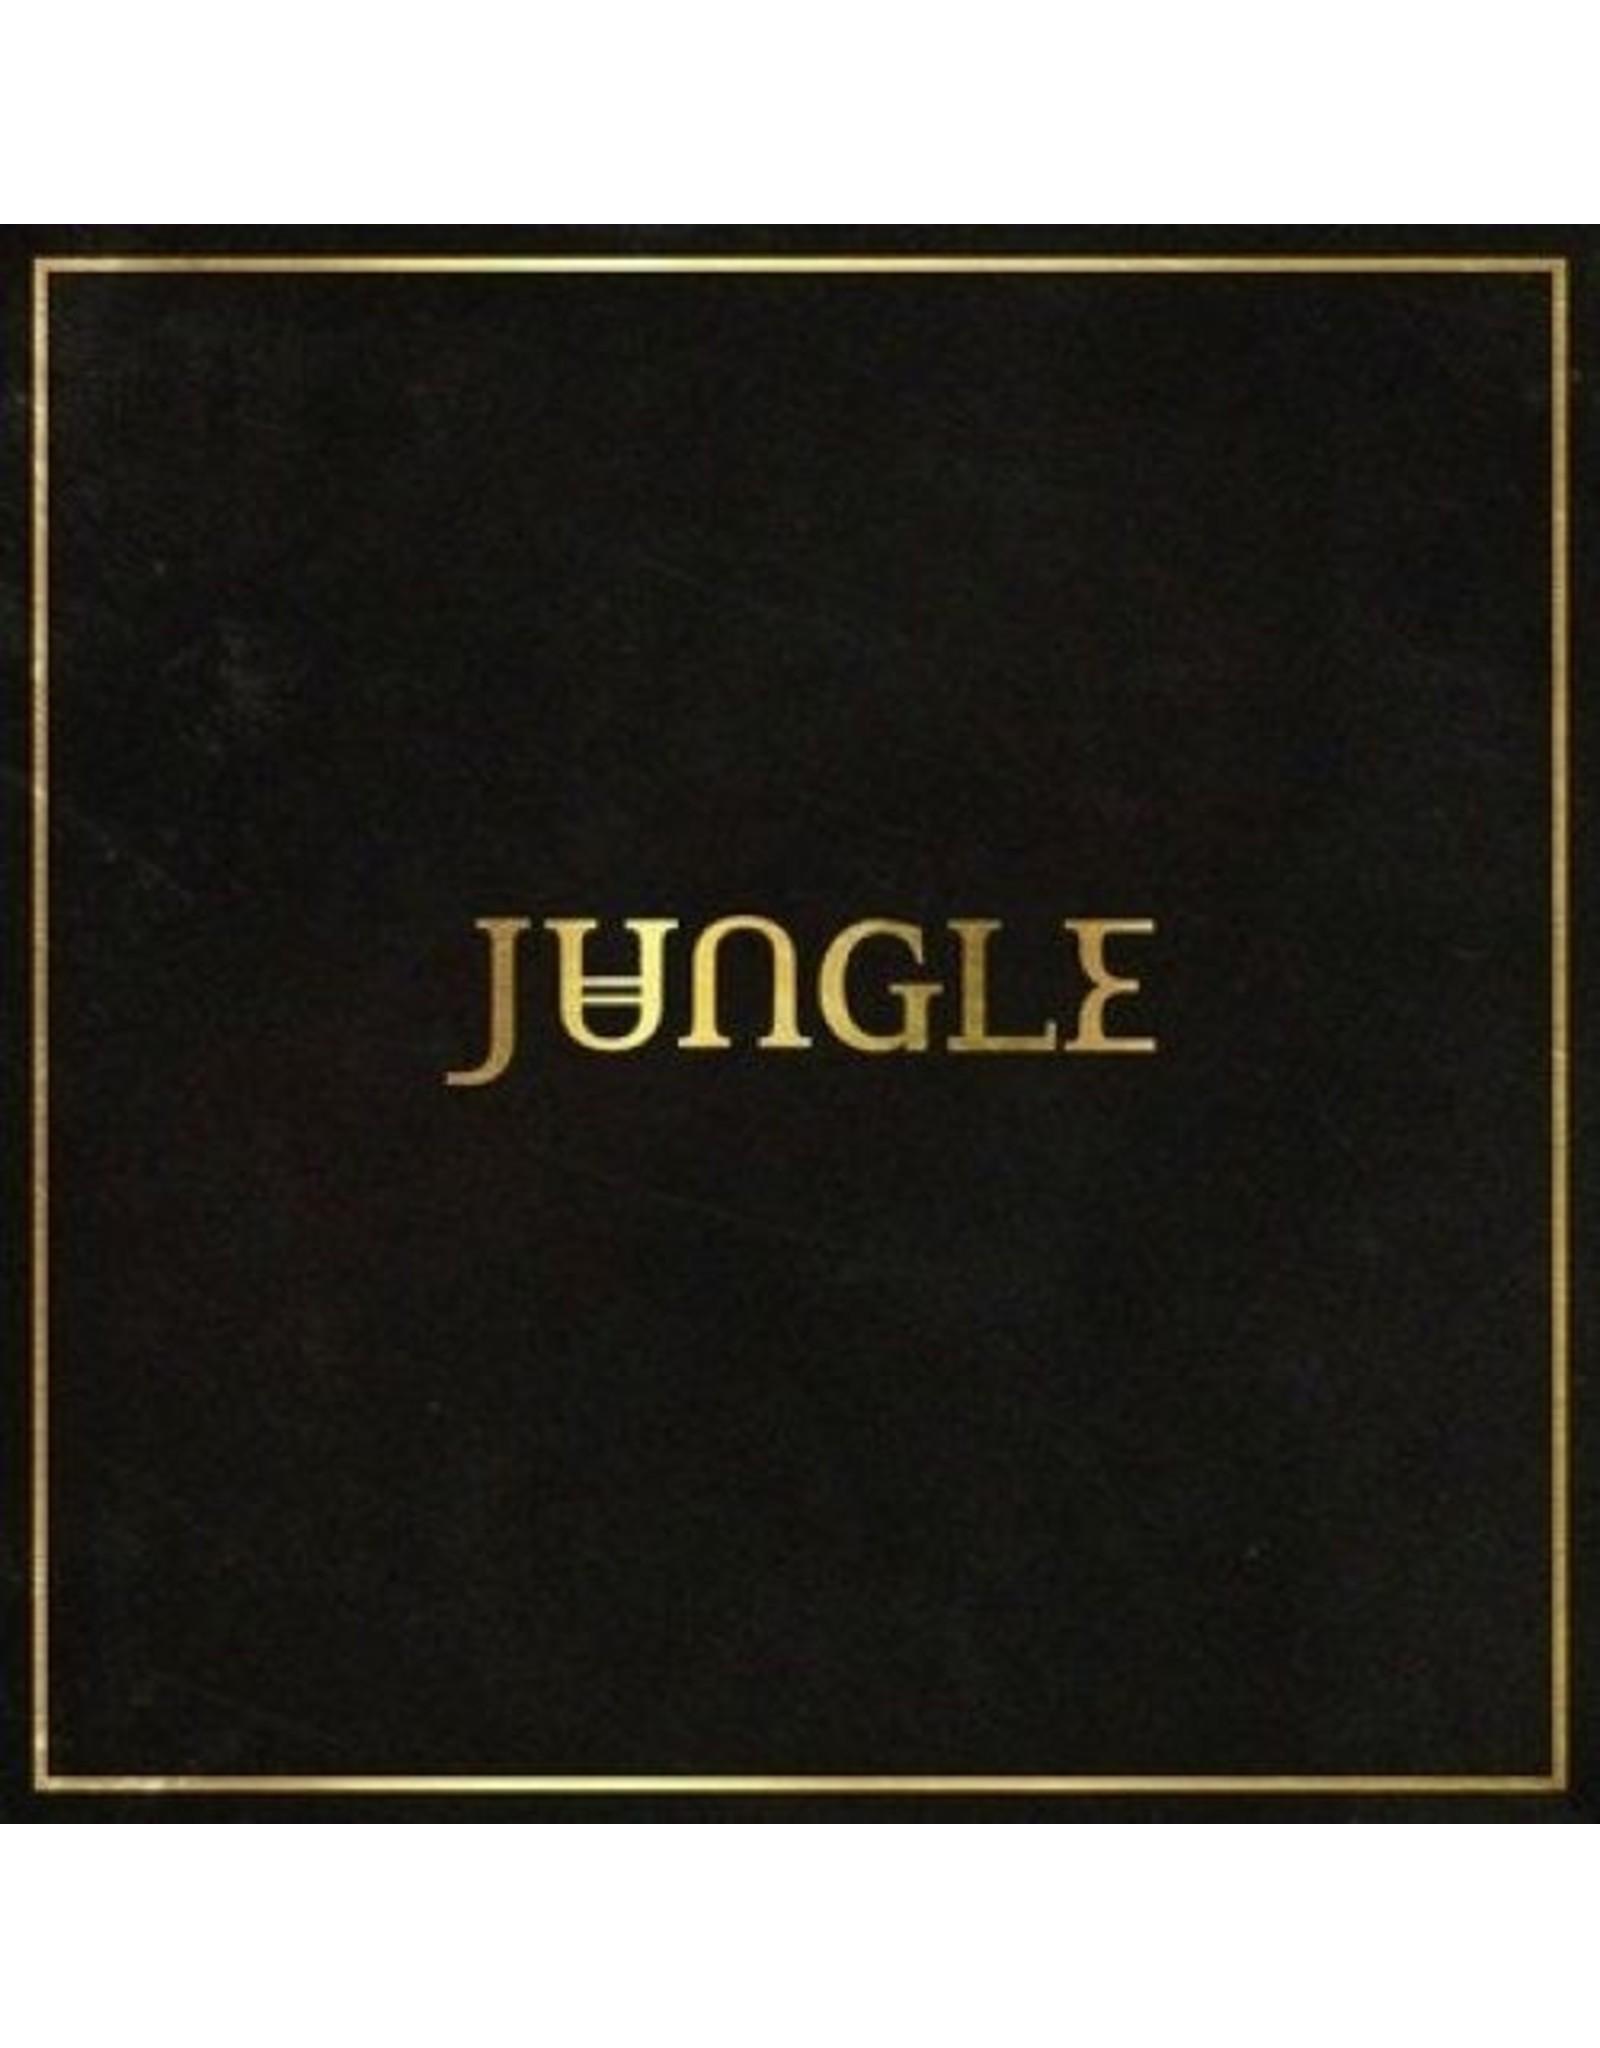 New Vinyl Jungle - S/T LP